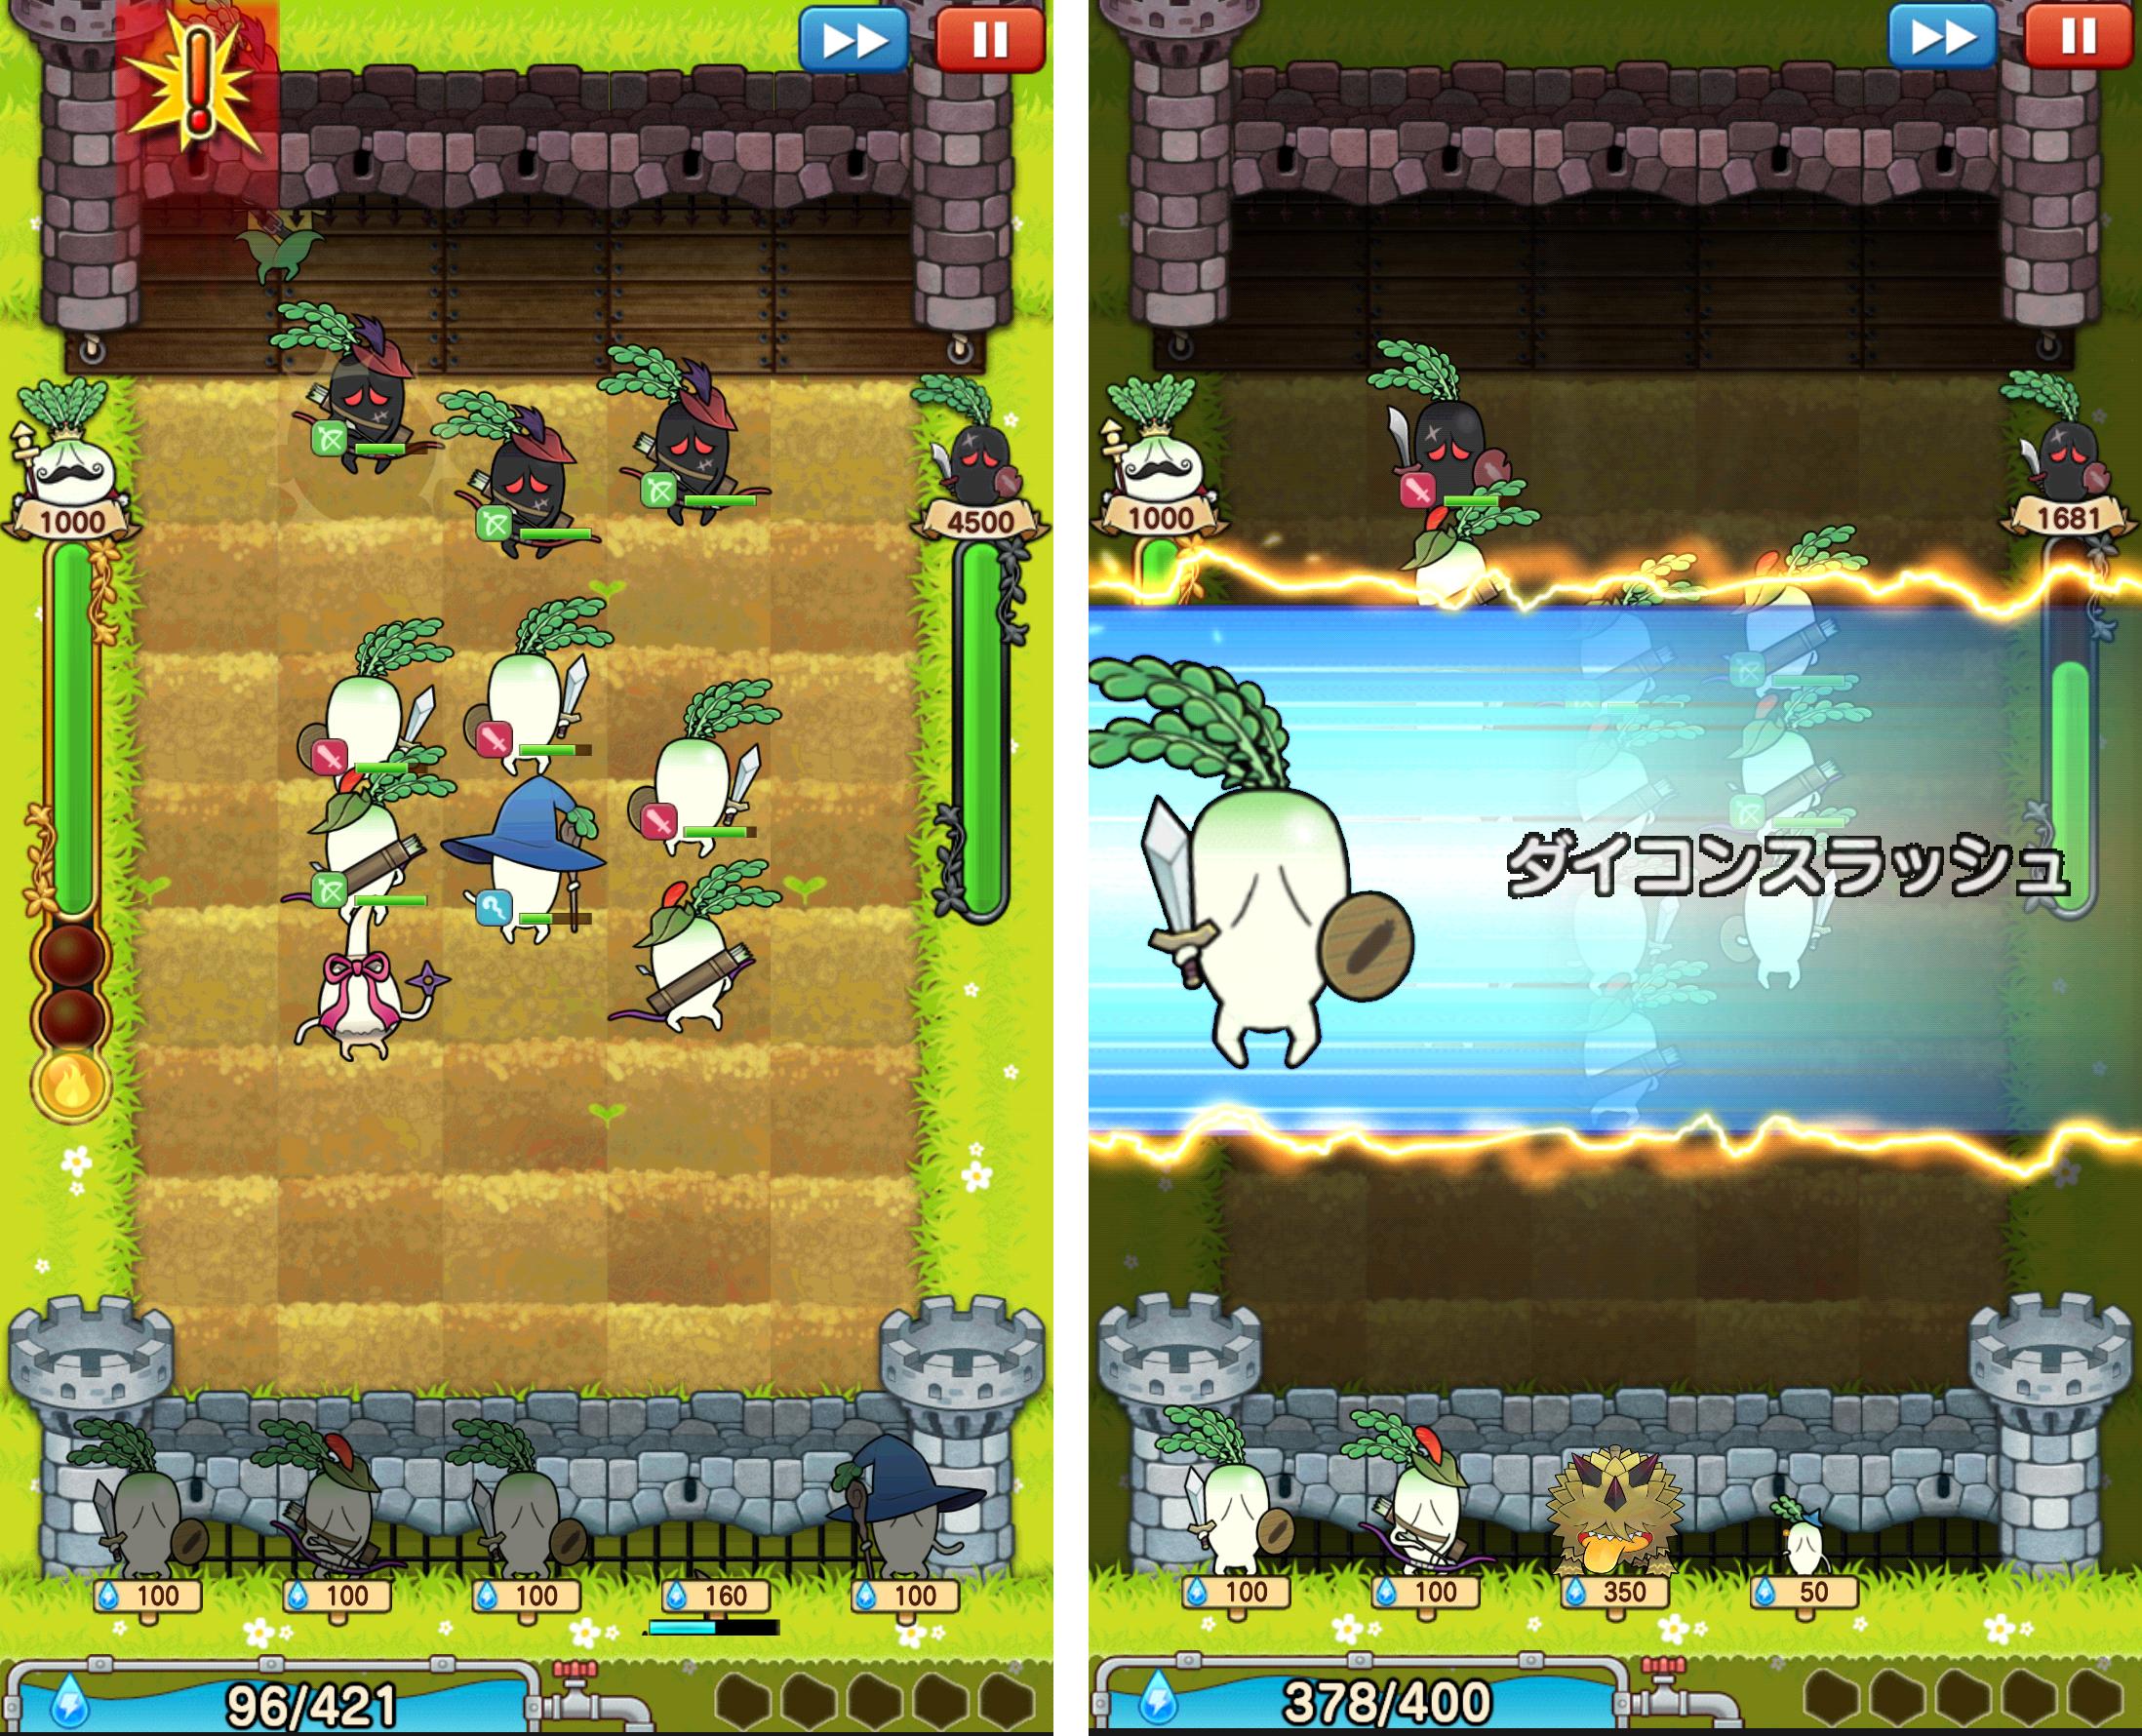 ダイコン王の野望ッッッン!! androidアプリスクリーンショット1